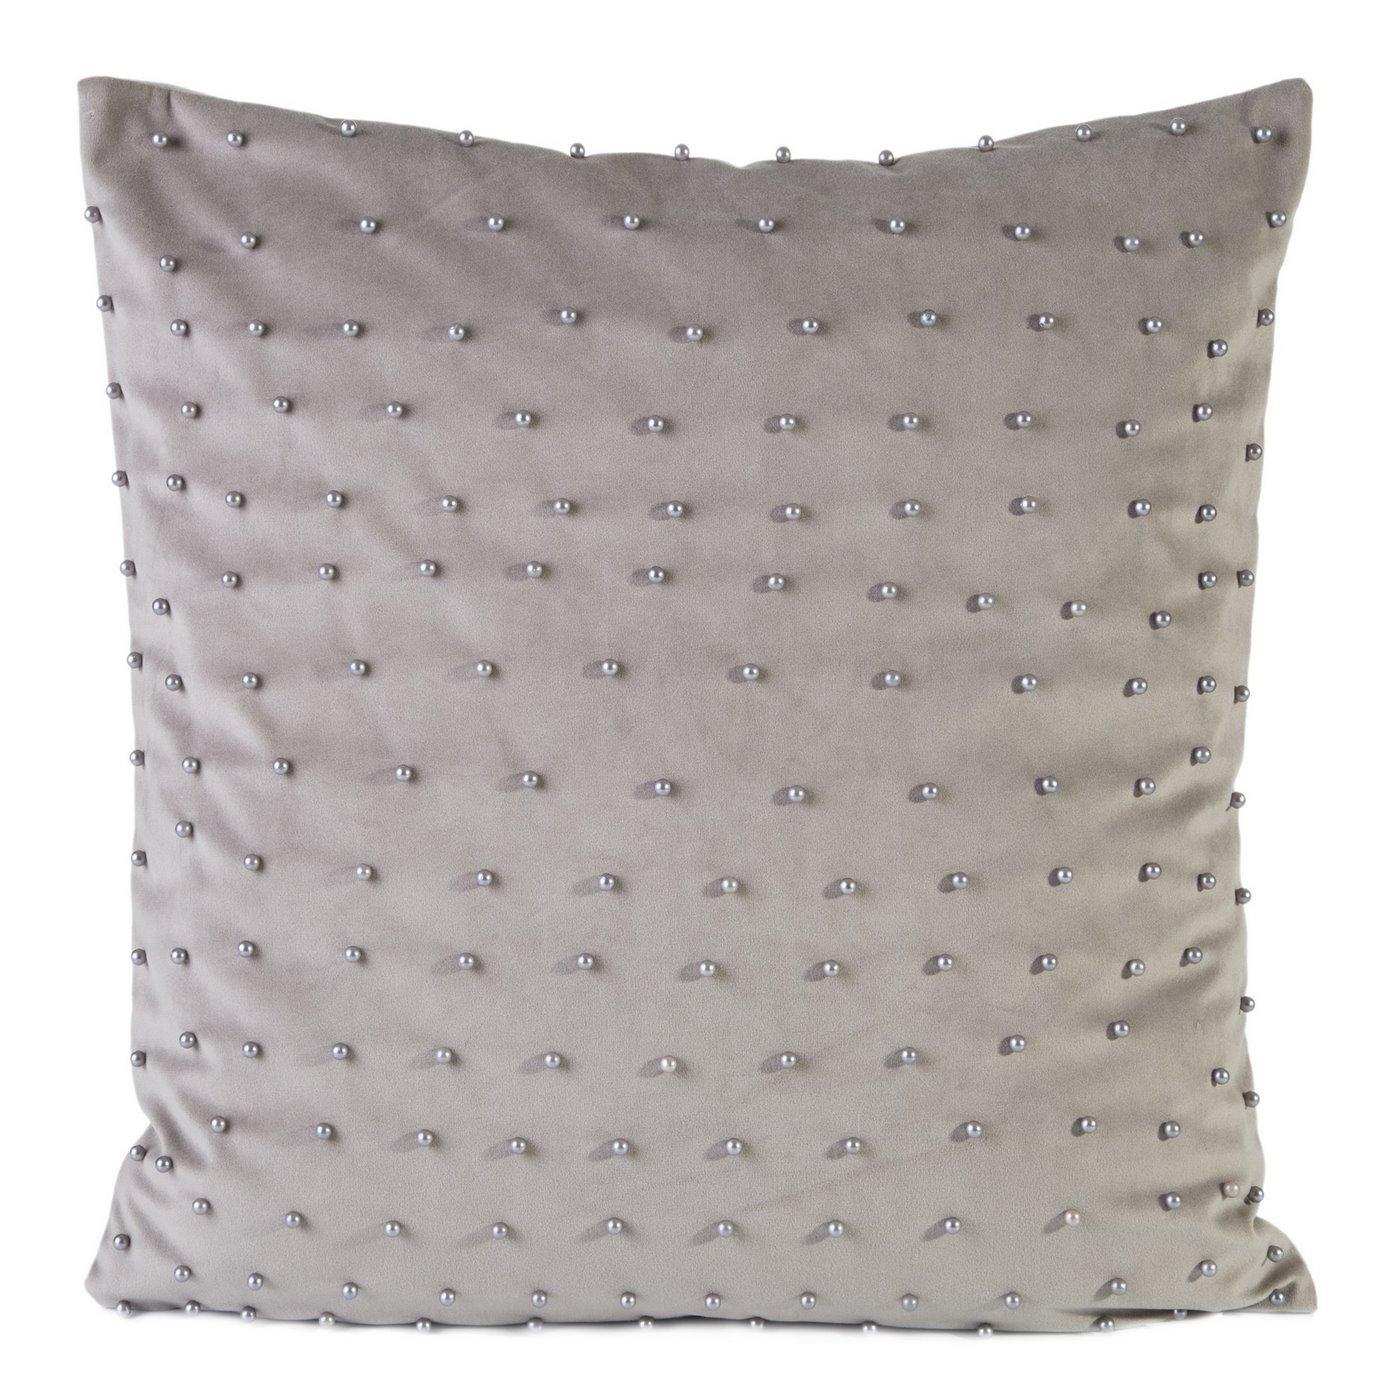 Poszewka na poduszkę 45 x 45 cm szaro beżowa z perełkami